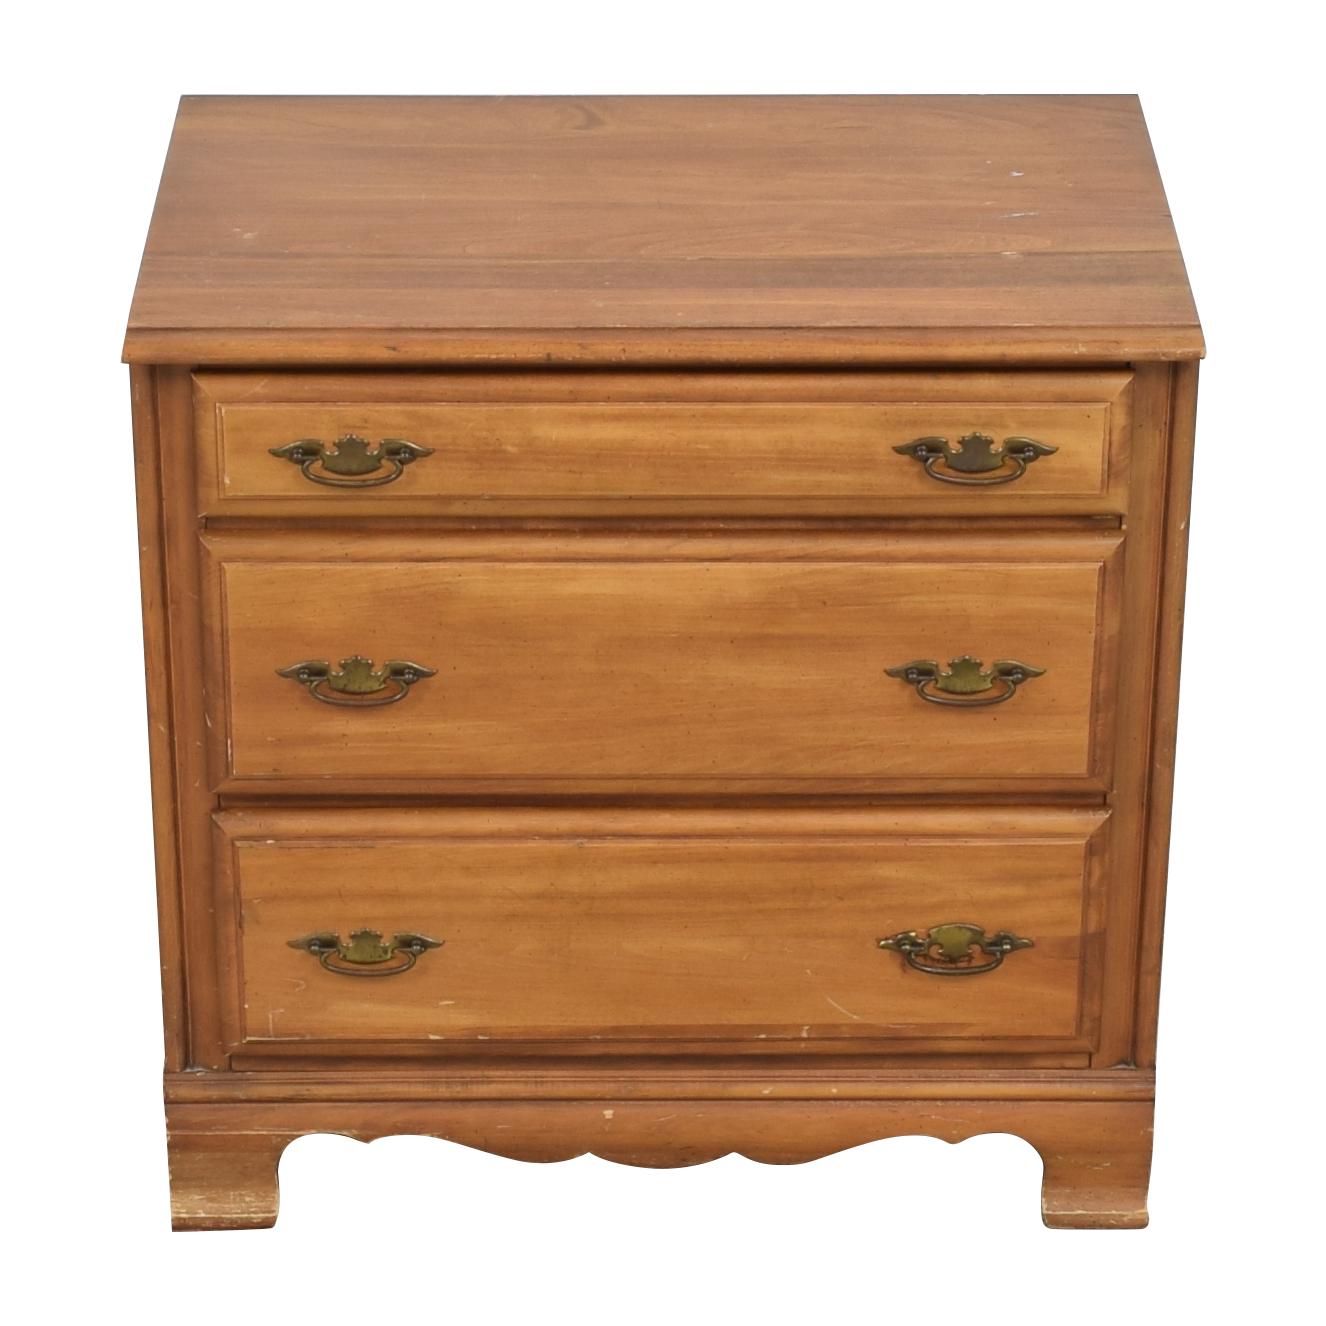 Sumter Cabinet Co. Sumter Cabinet Co. Dresser Storage